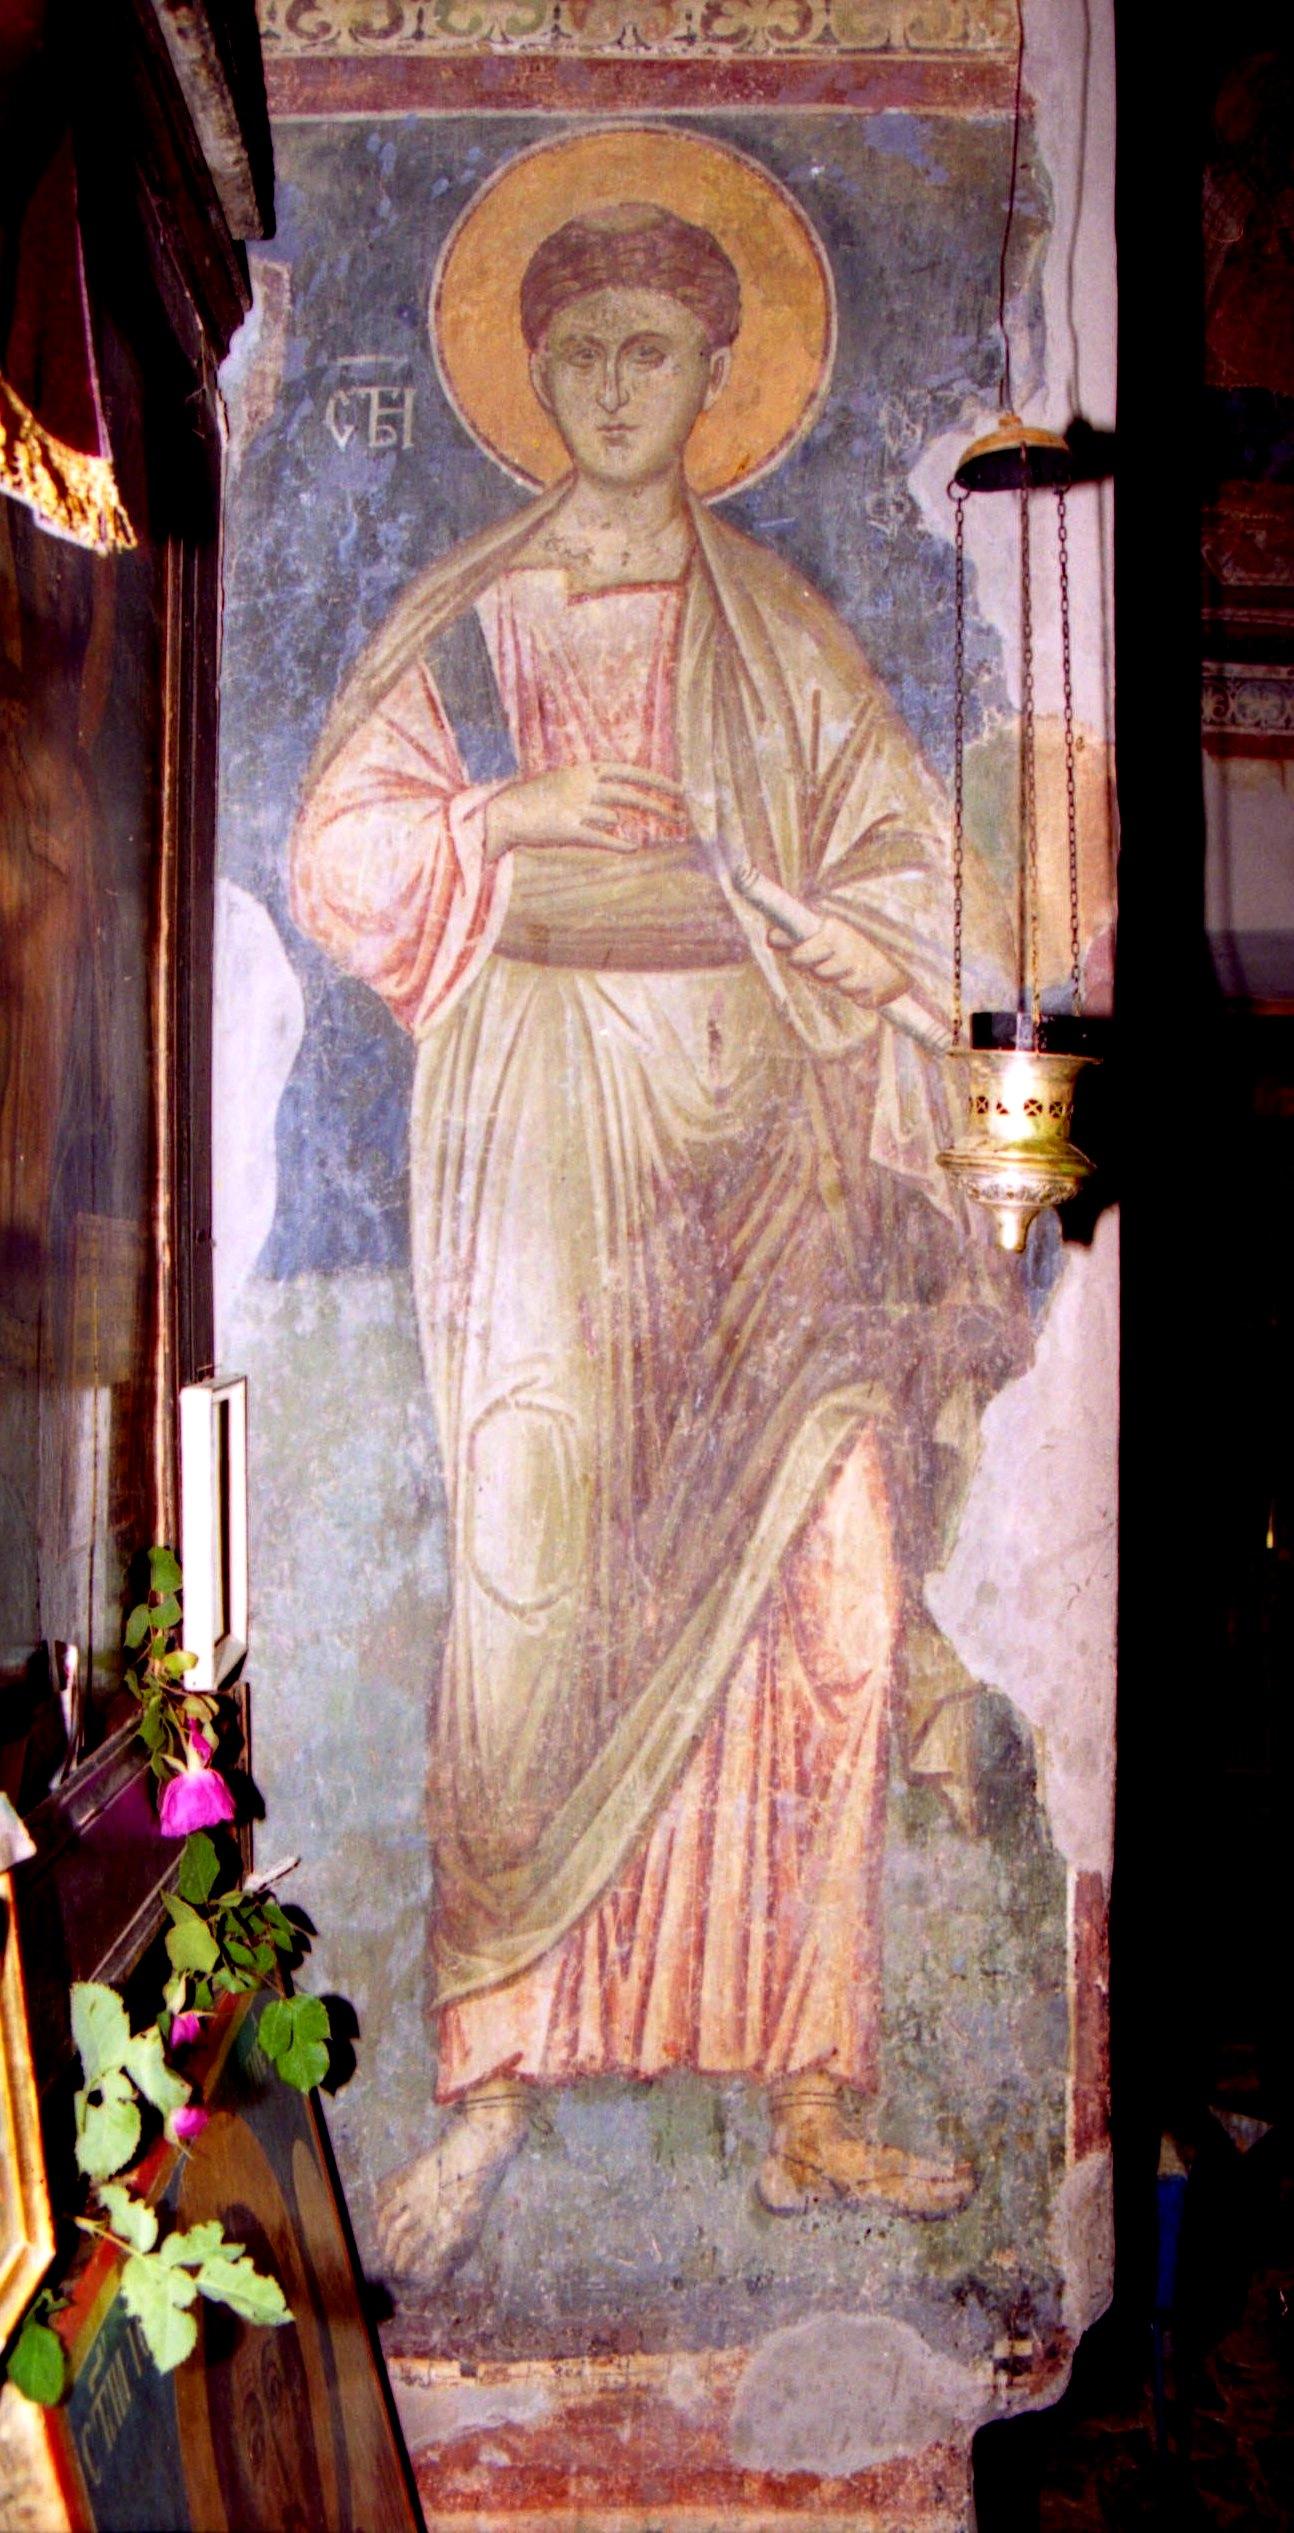 Святой Первомученик Архидиакон Стефан. Фреска в церкви Спаса в Кучевиште, Македония. XIV век.